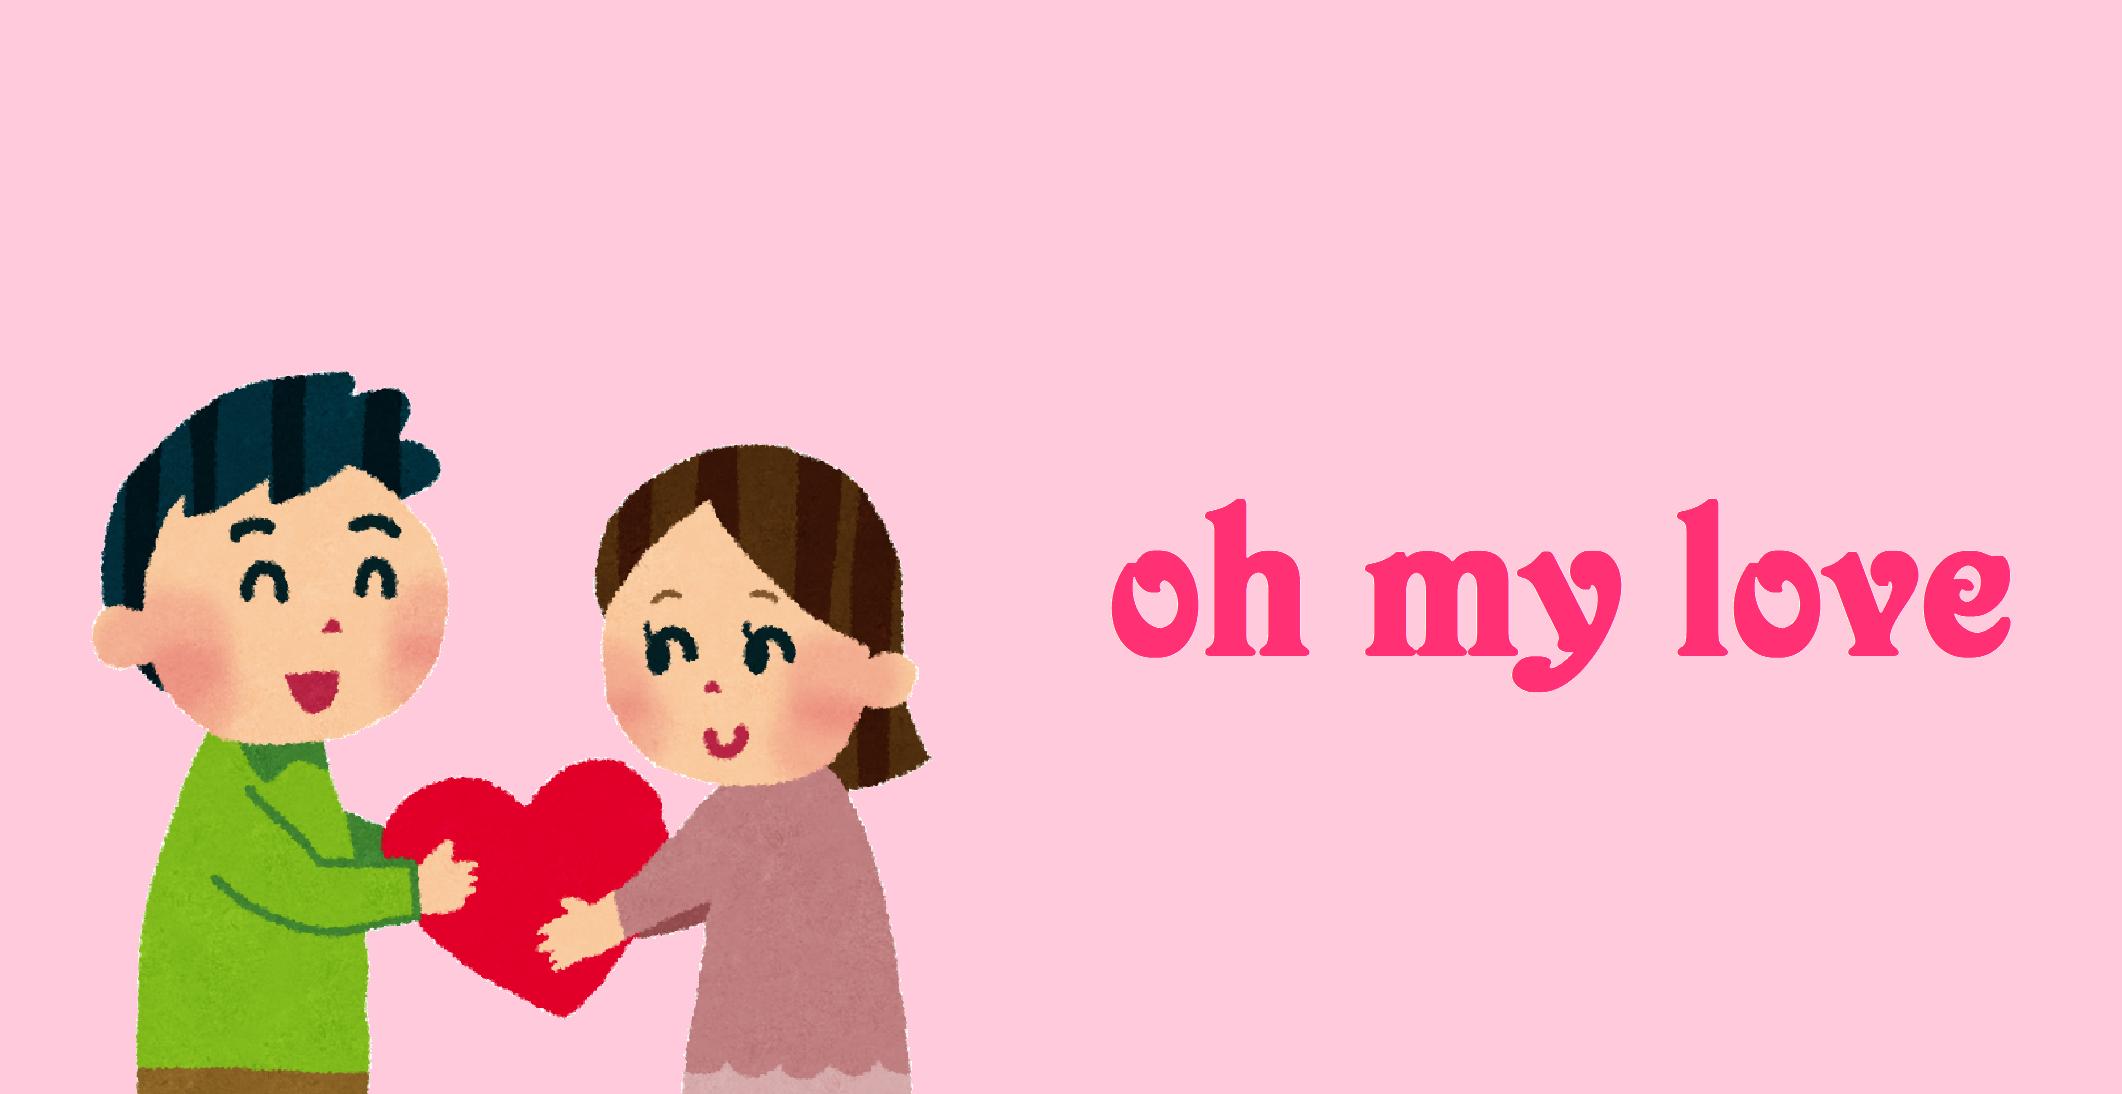 「oh my love」のイメージ